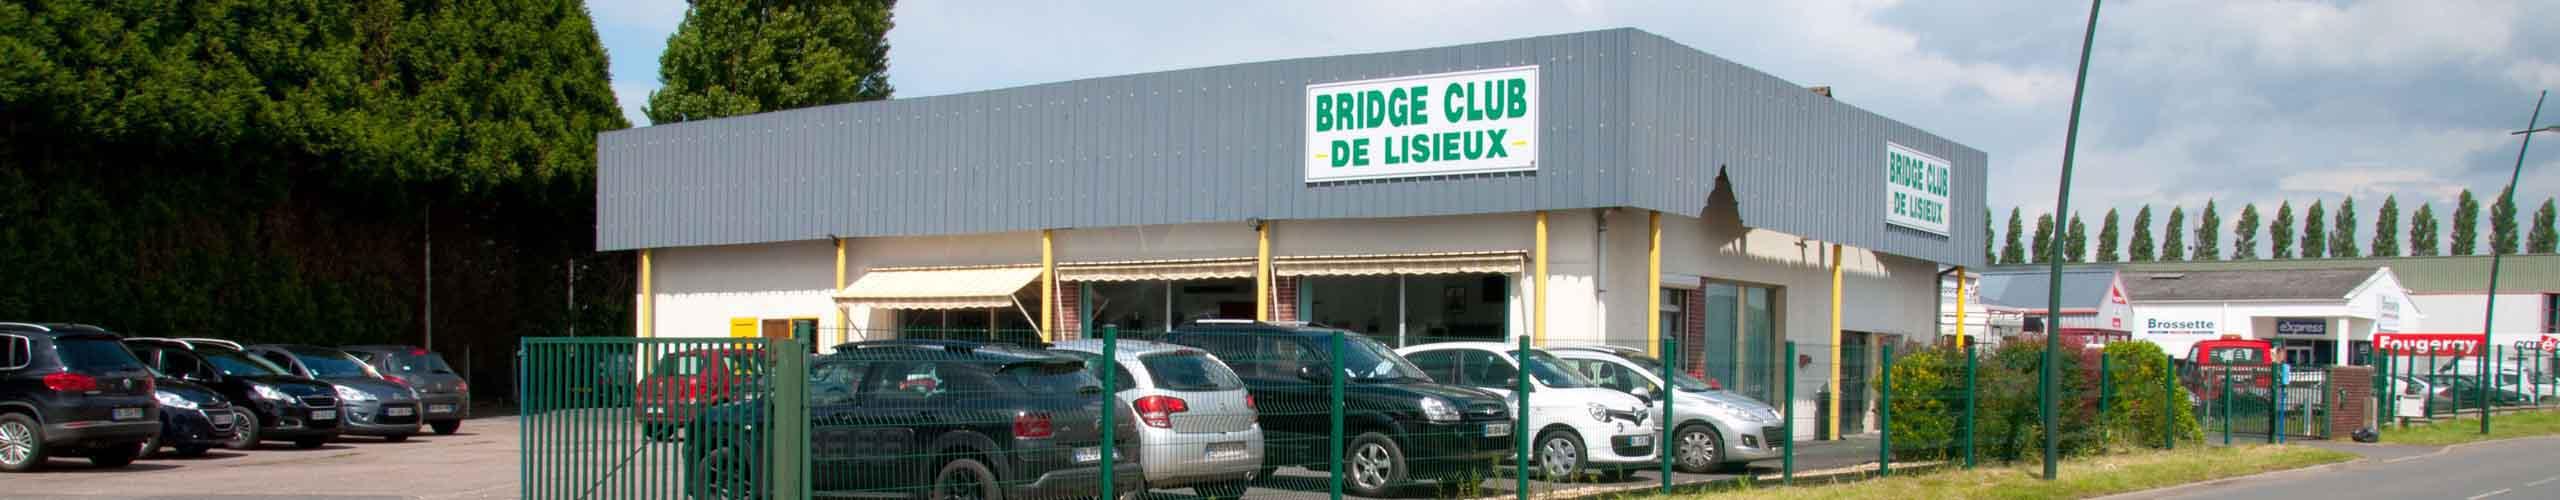 accès contact jeux cartes local bridge club lisieux pays d'Auge calvados normandie